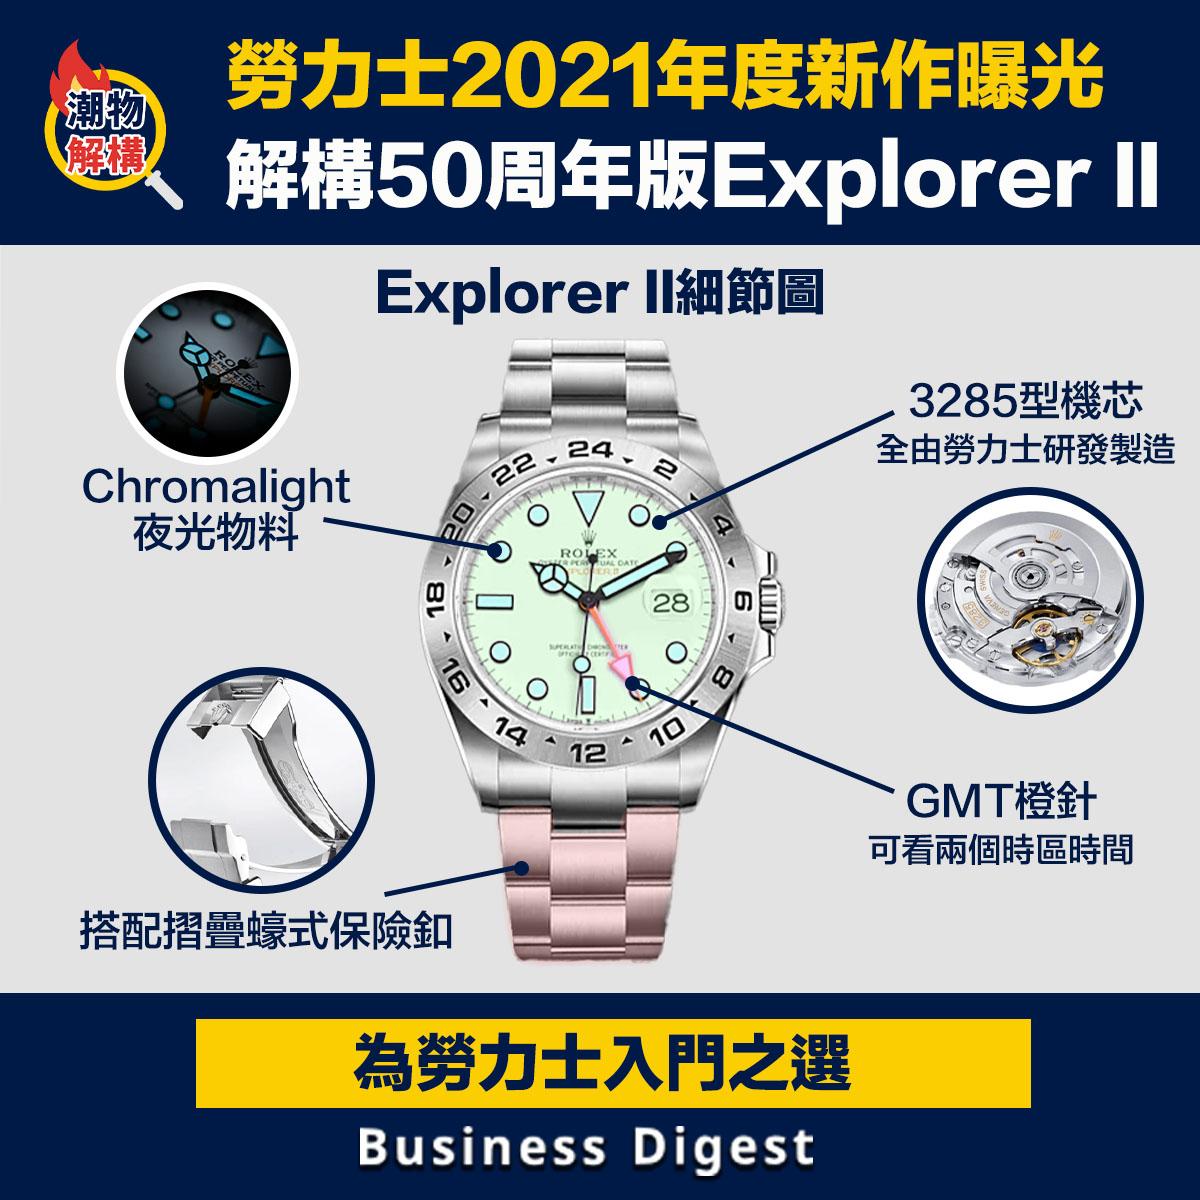 勞力士近日曝光2021年度新作,當中推出50周年版Explorer II